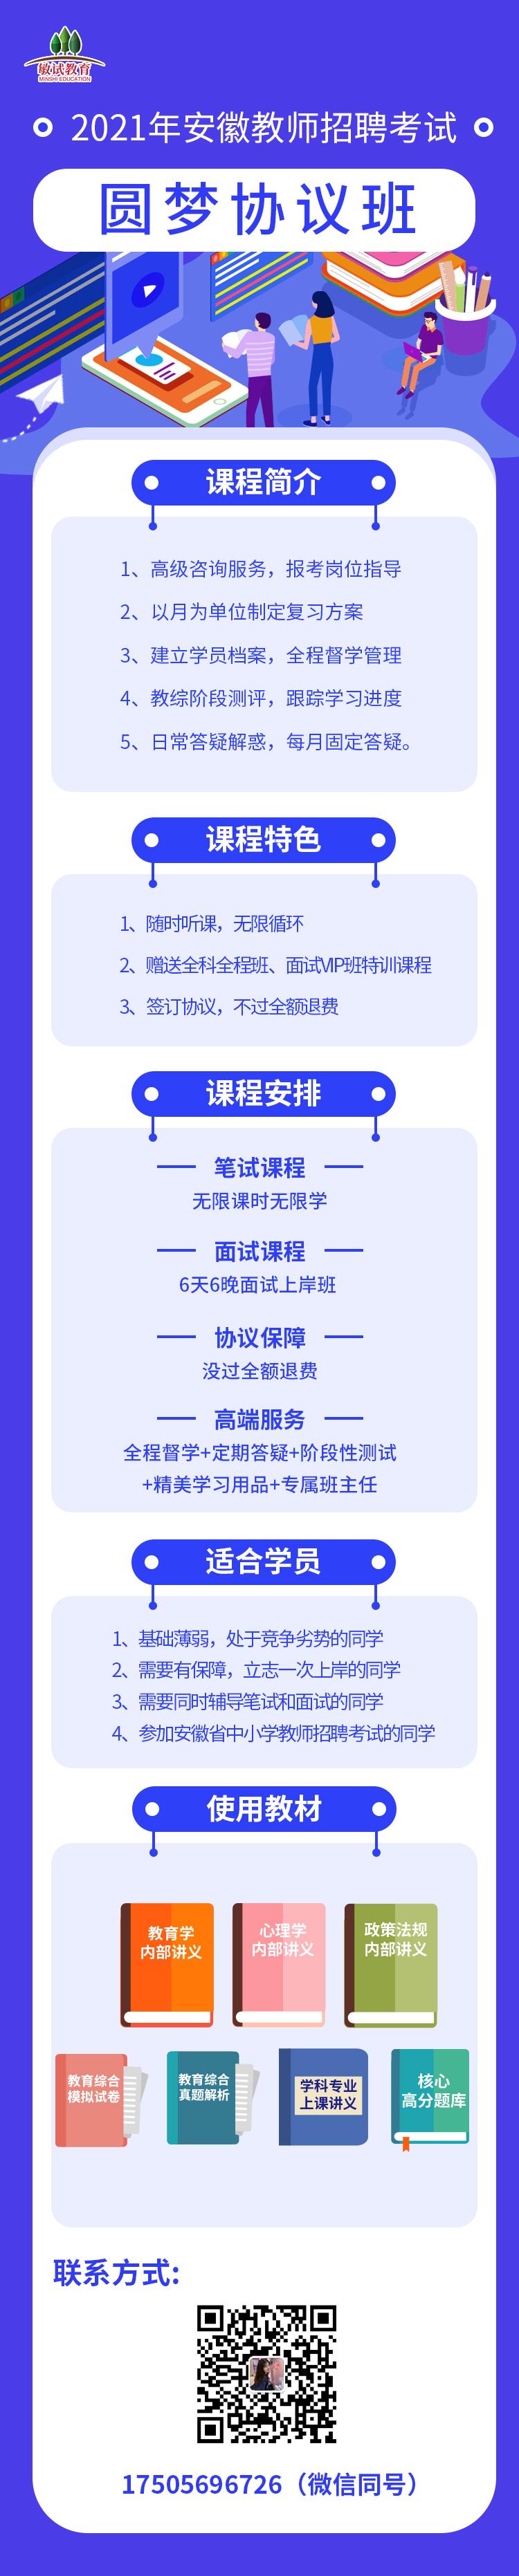 安徽2021圆梦协议班.jpg